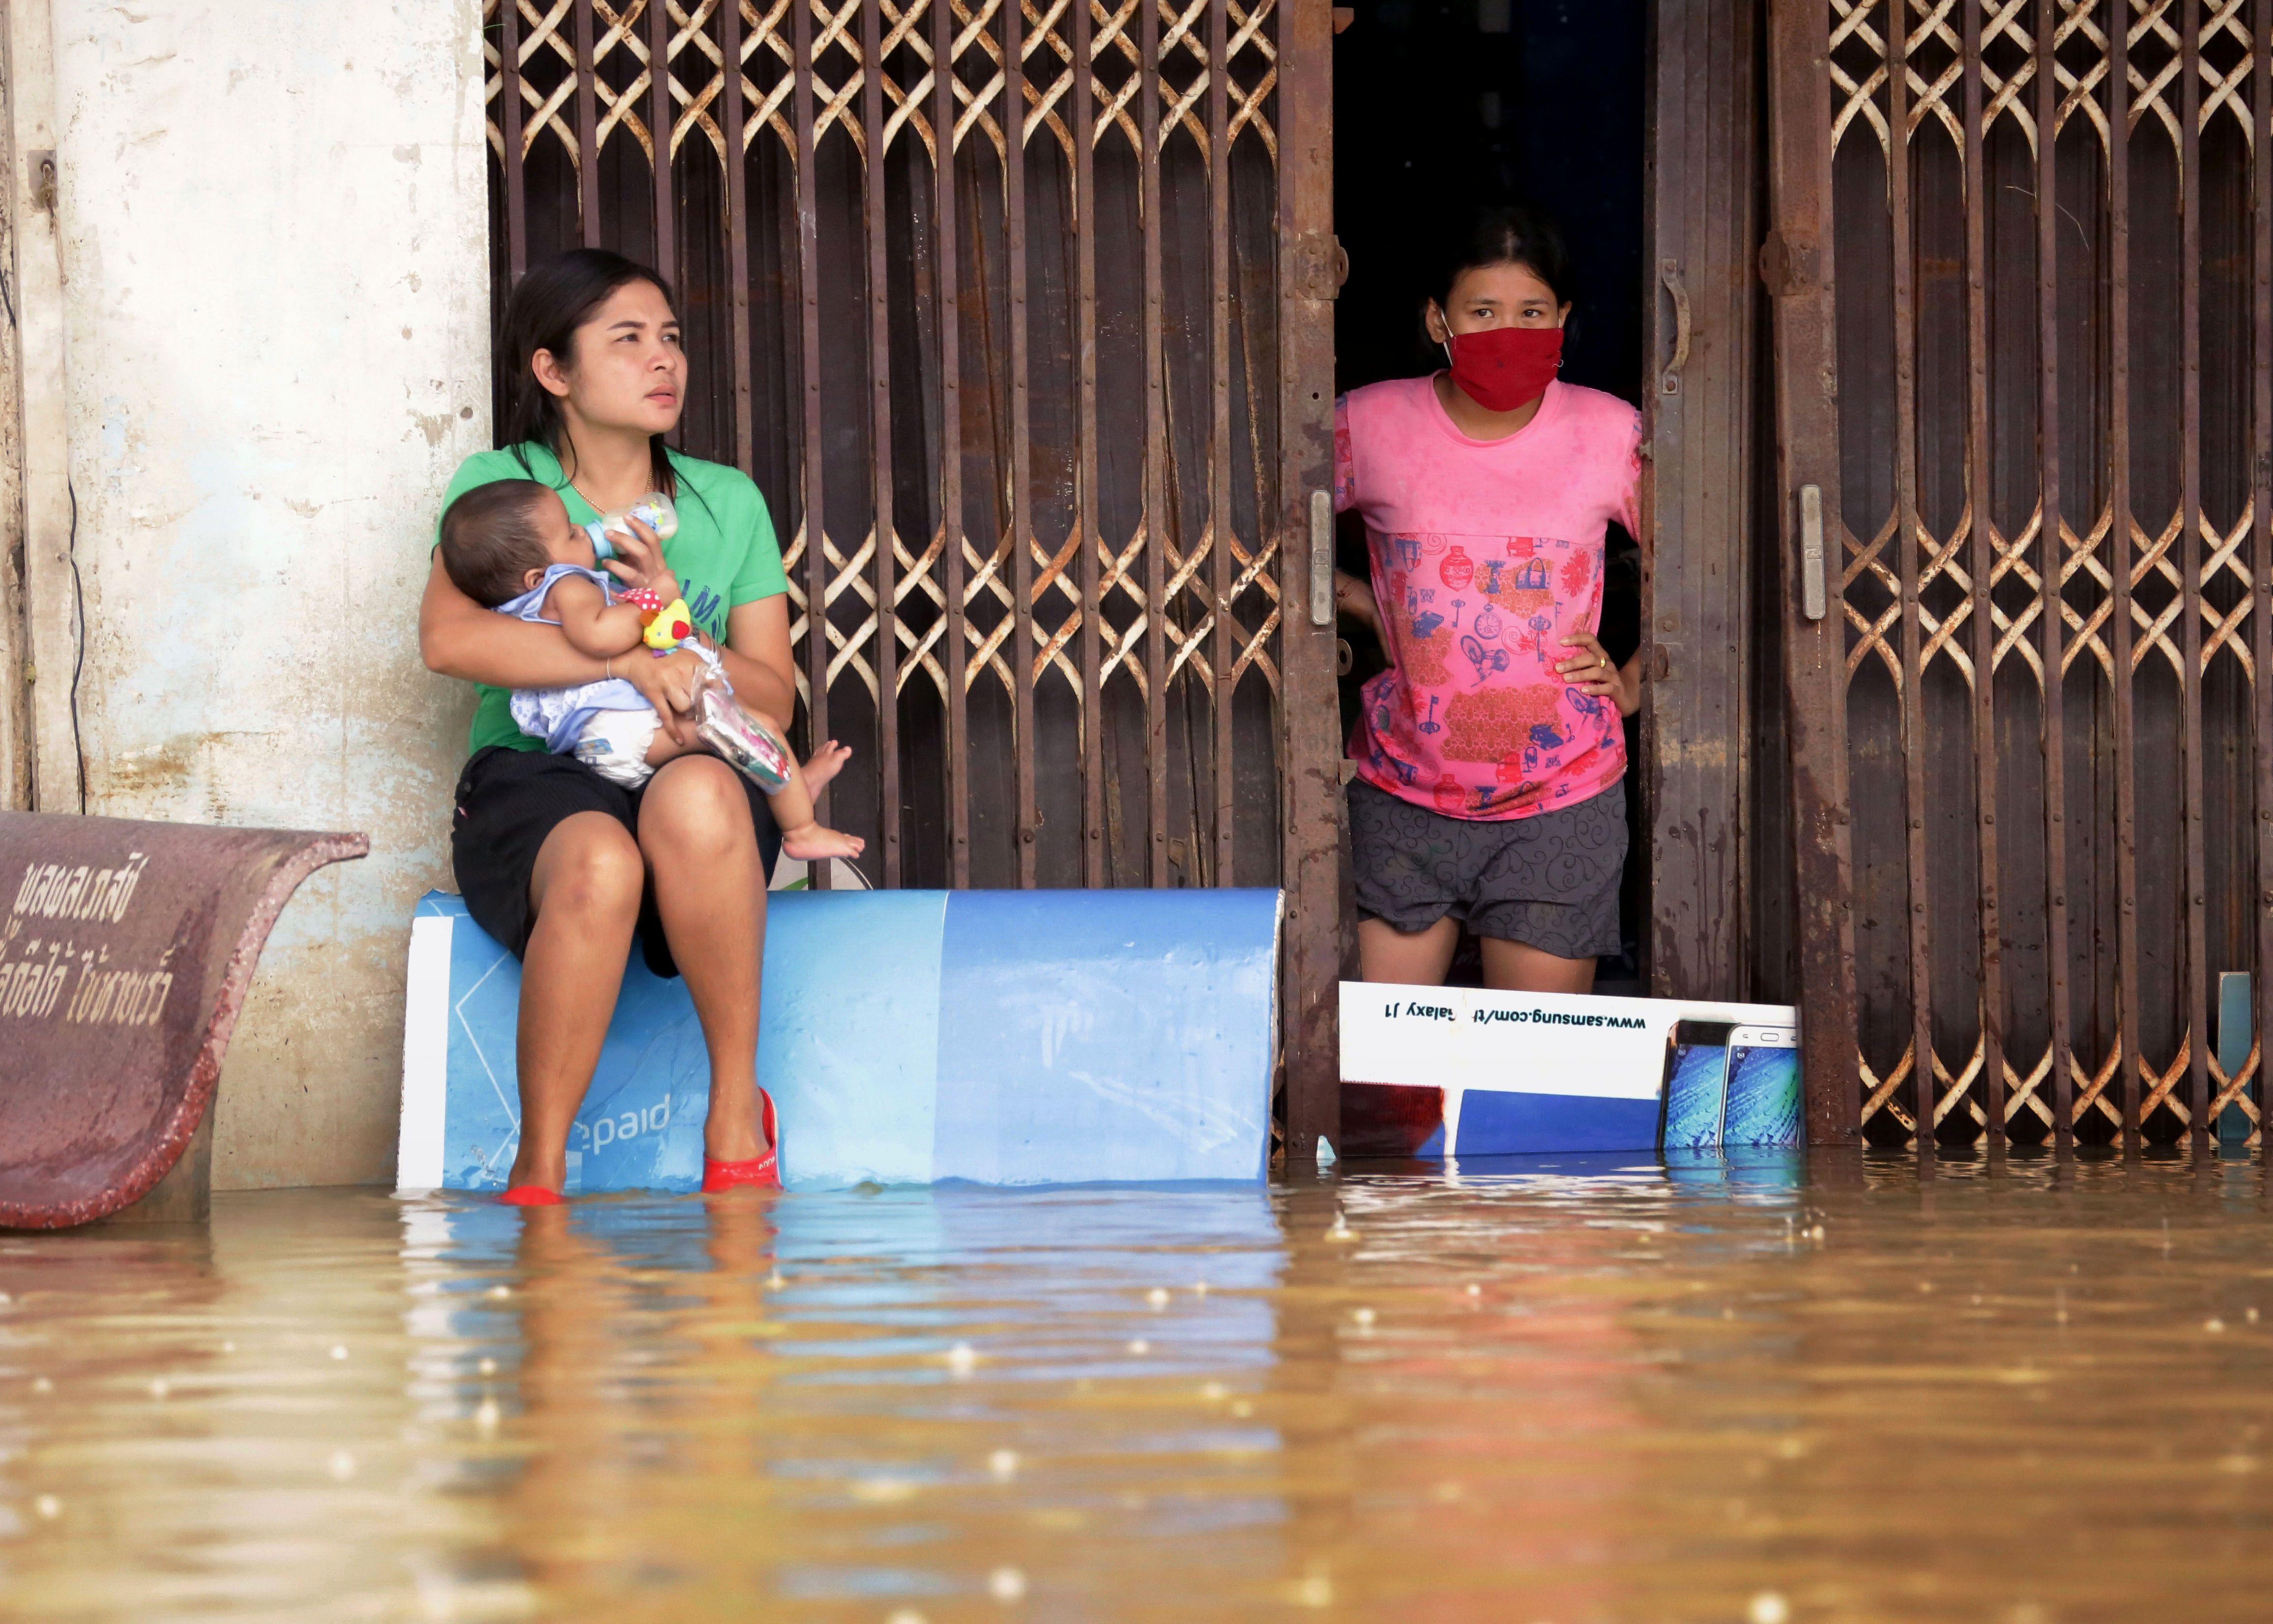 فيضانات مياه الأمطار تجتاح شواع تايلاند